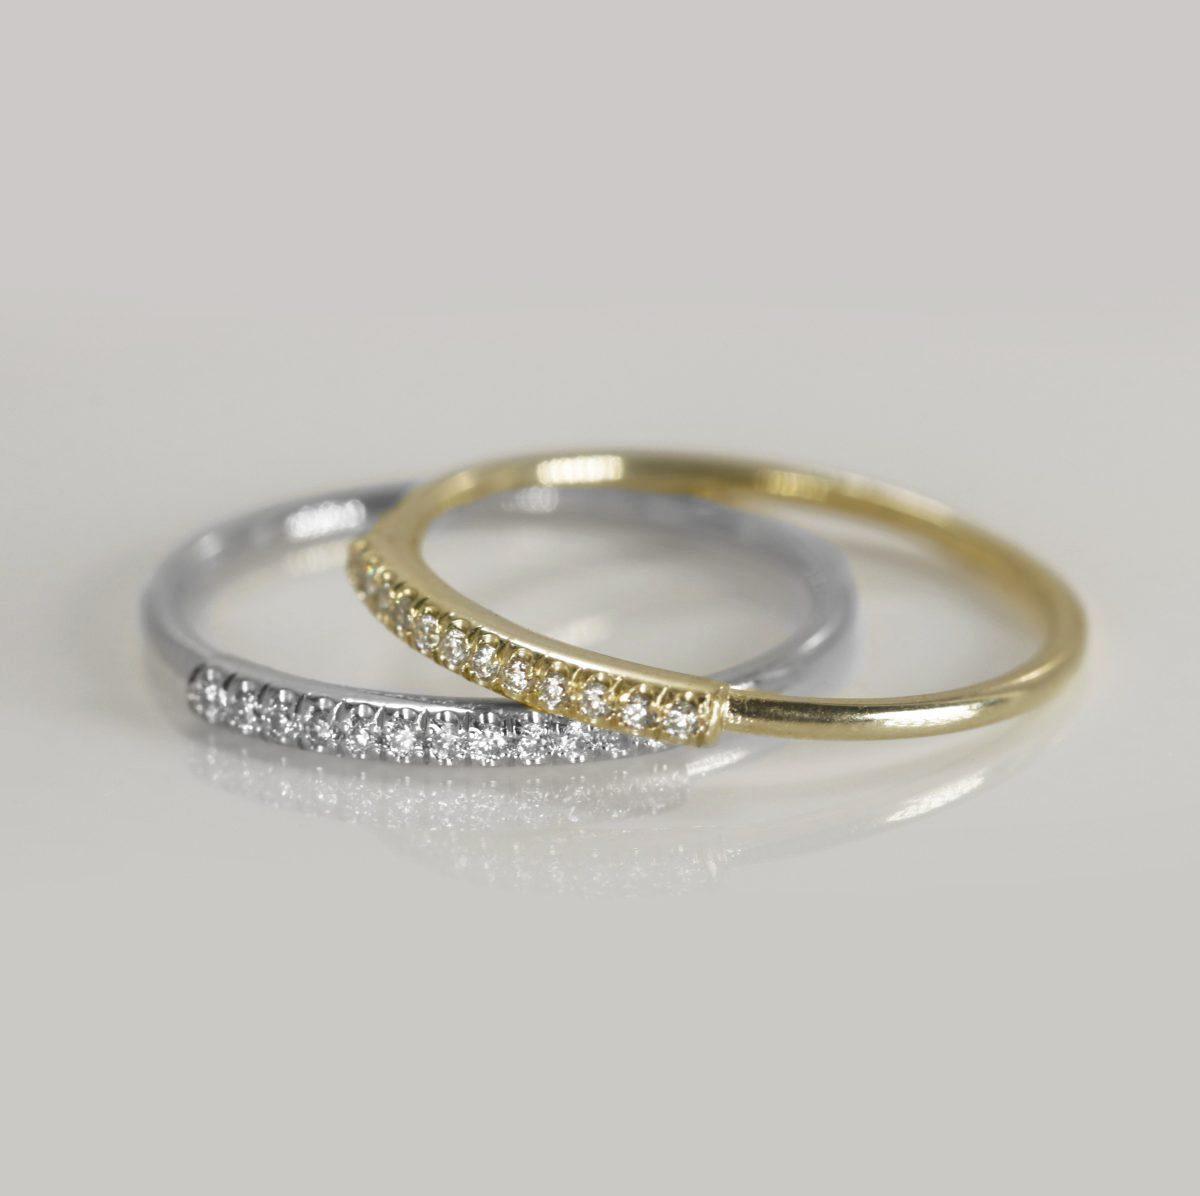 טבעת יהלומים - יולי